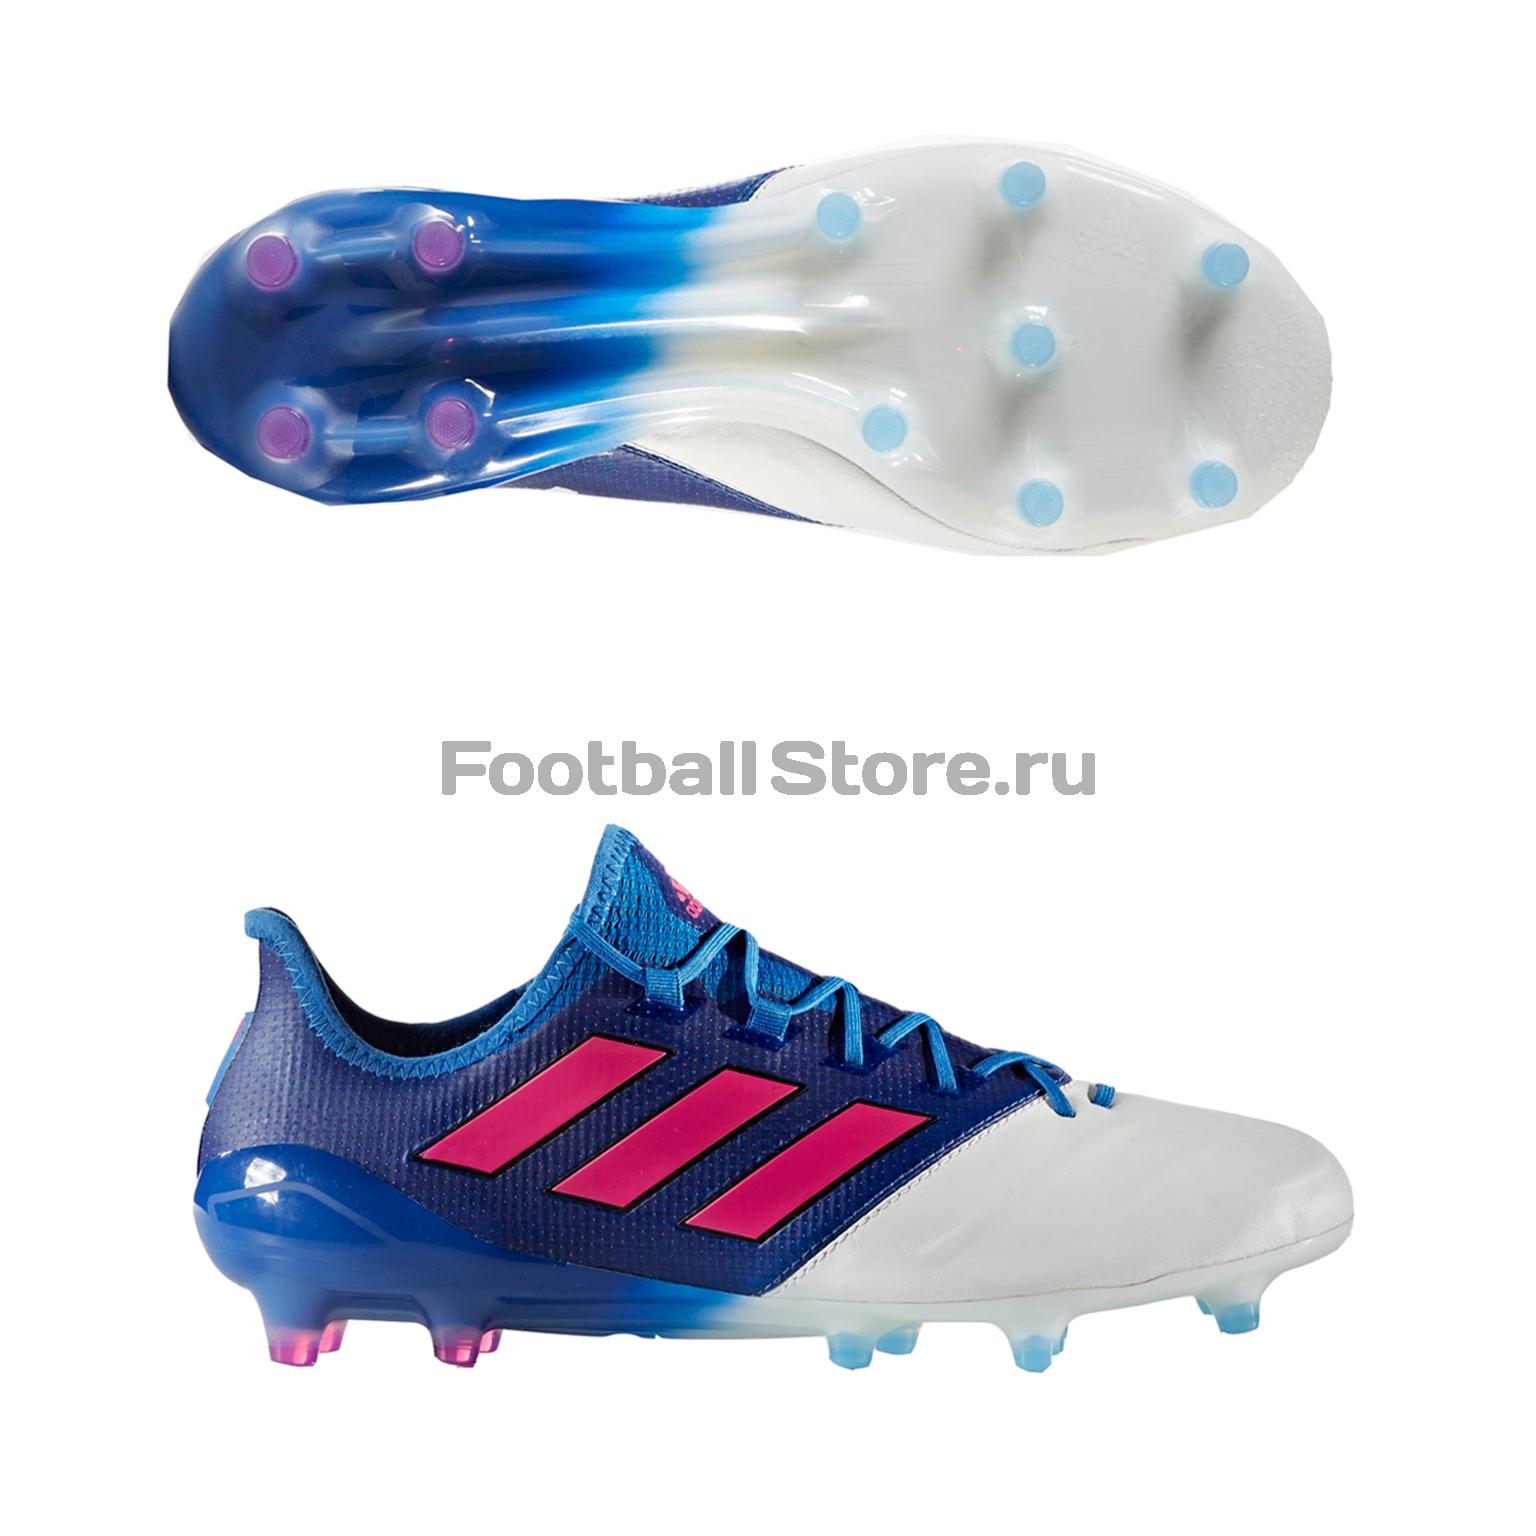 Игровые бутсы Adidas Бутсы Adidas ACE 17.1 Leather FG BB4321 adidas бутсы adidas ace 16 3 fg leather aq4456